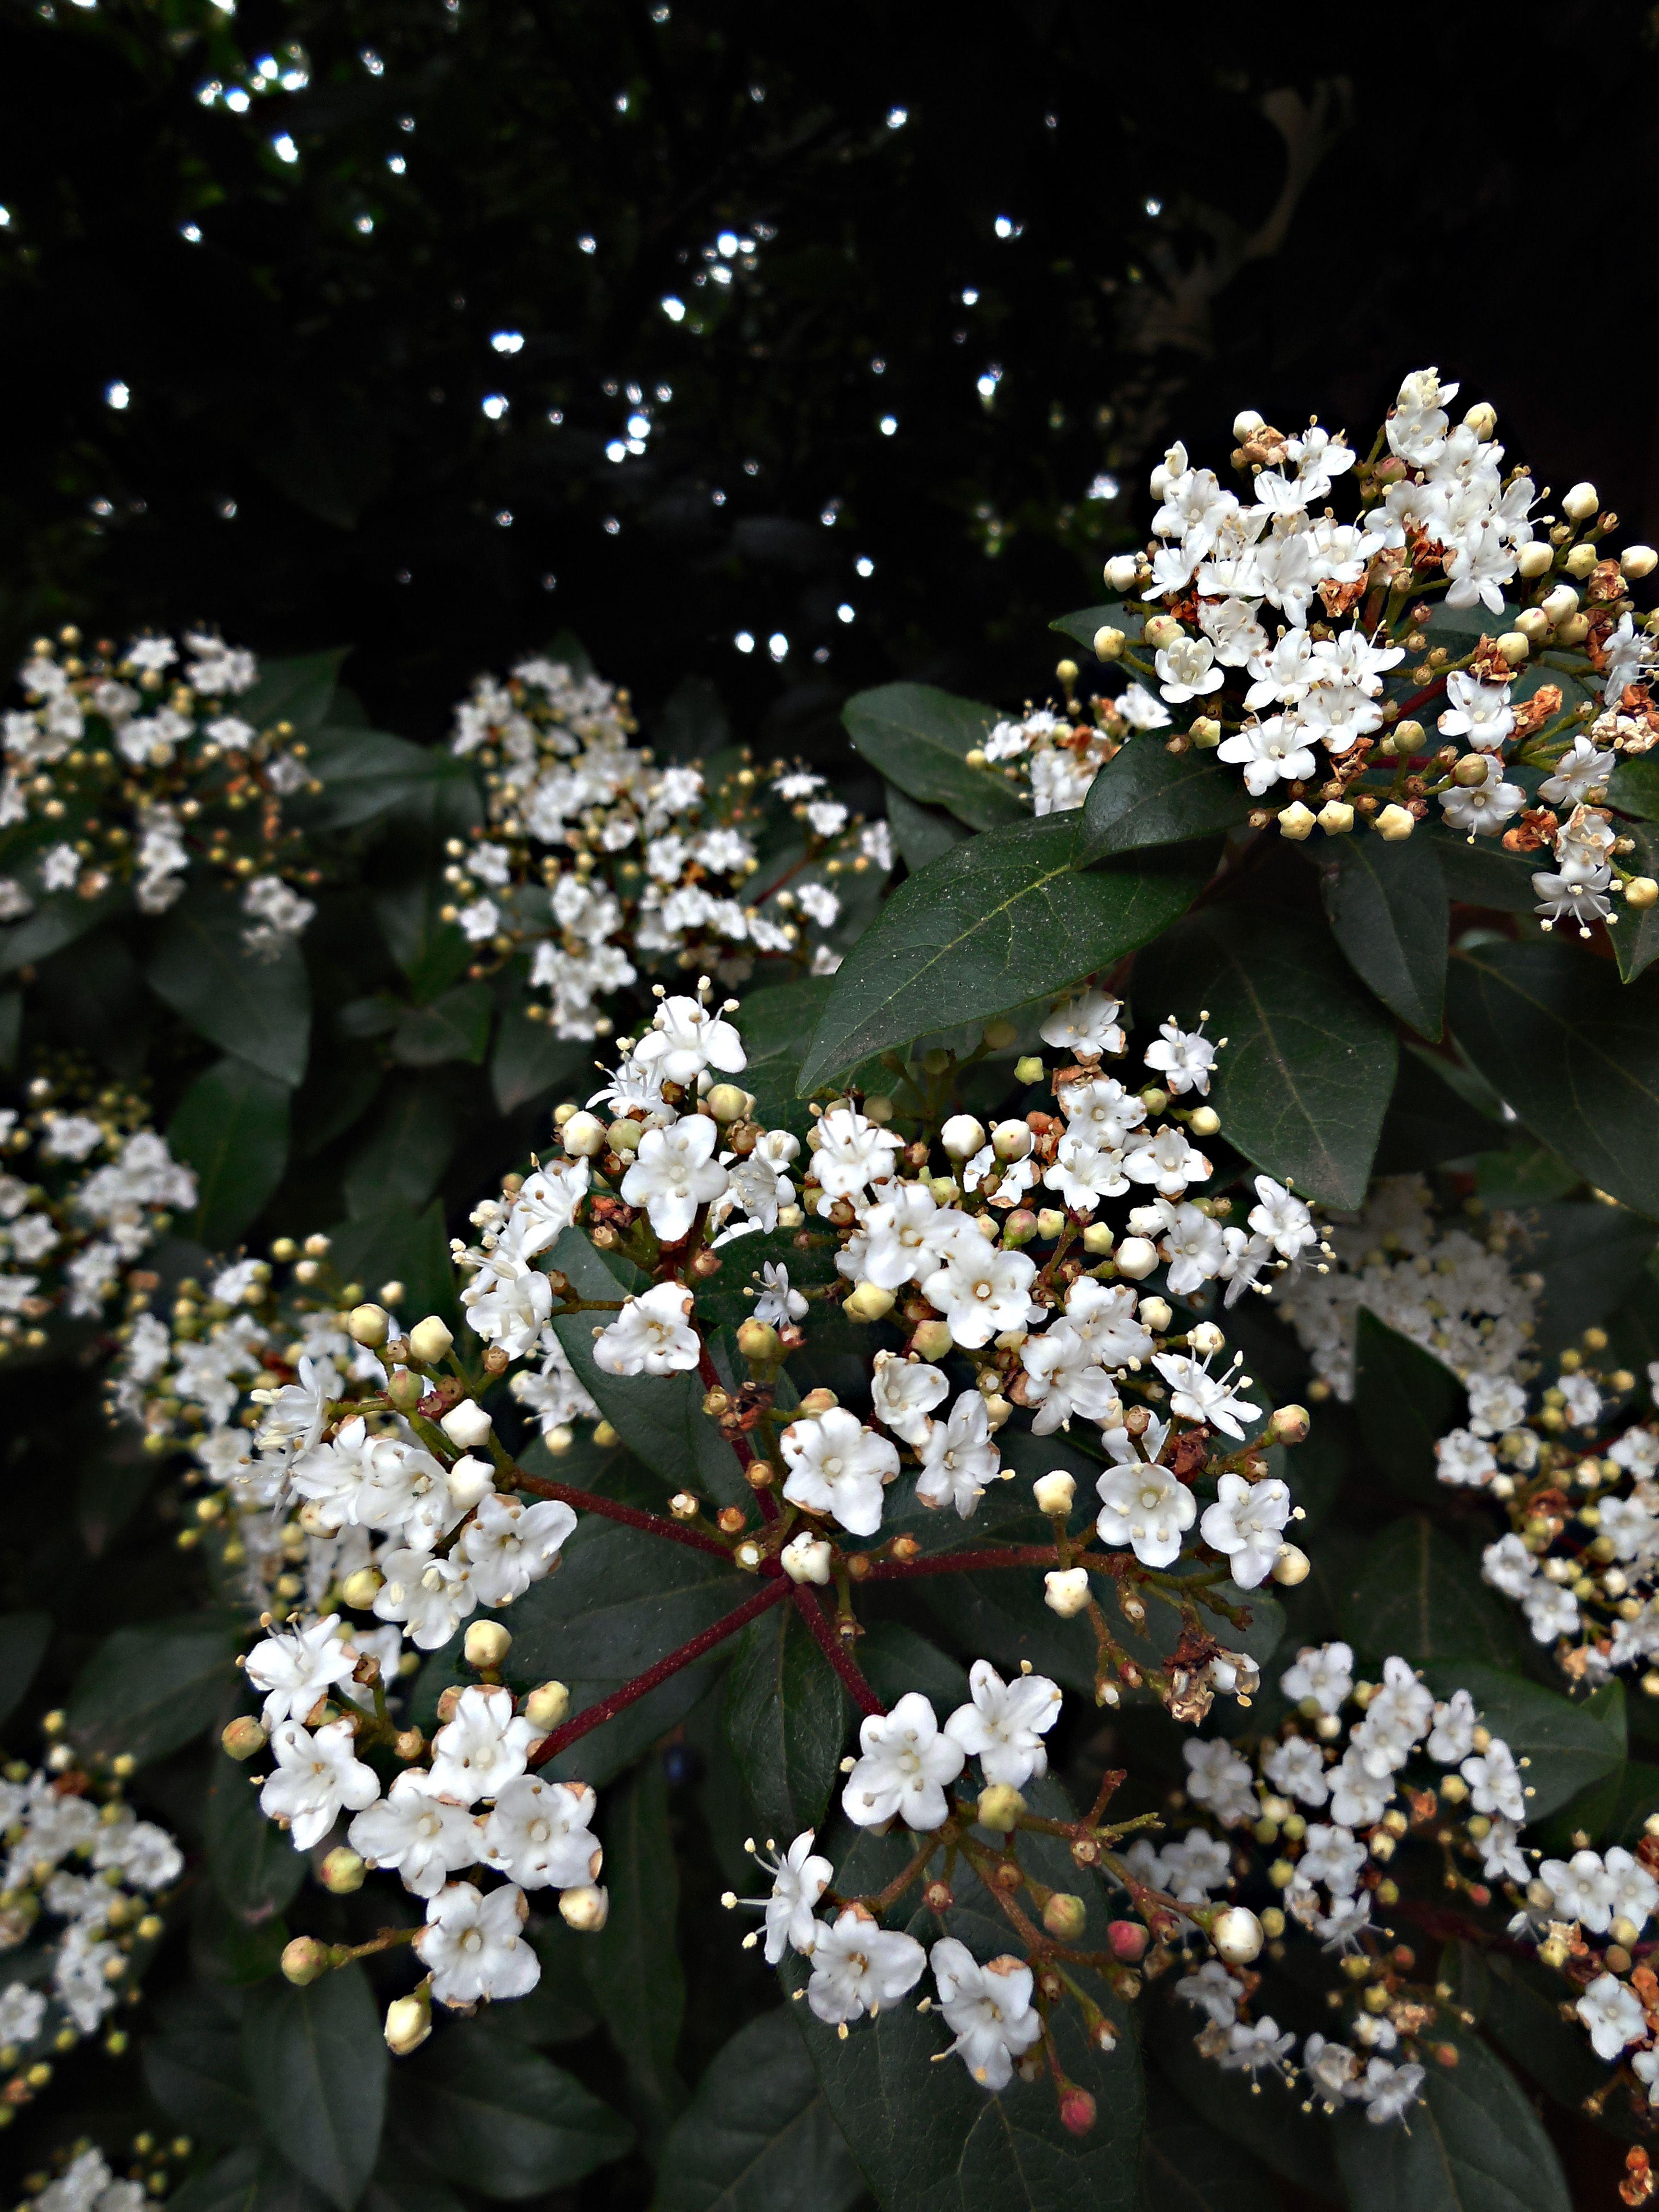 Viburnum tinus Laurentino bush